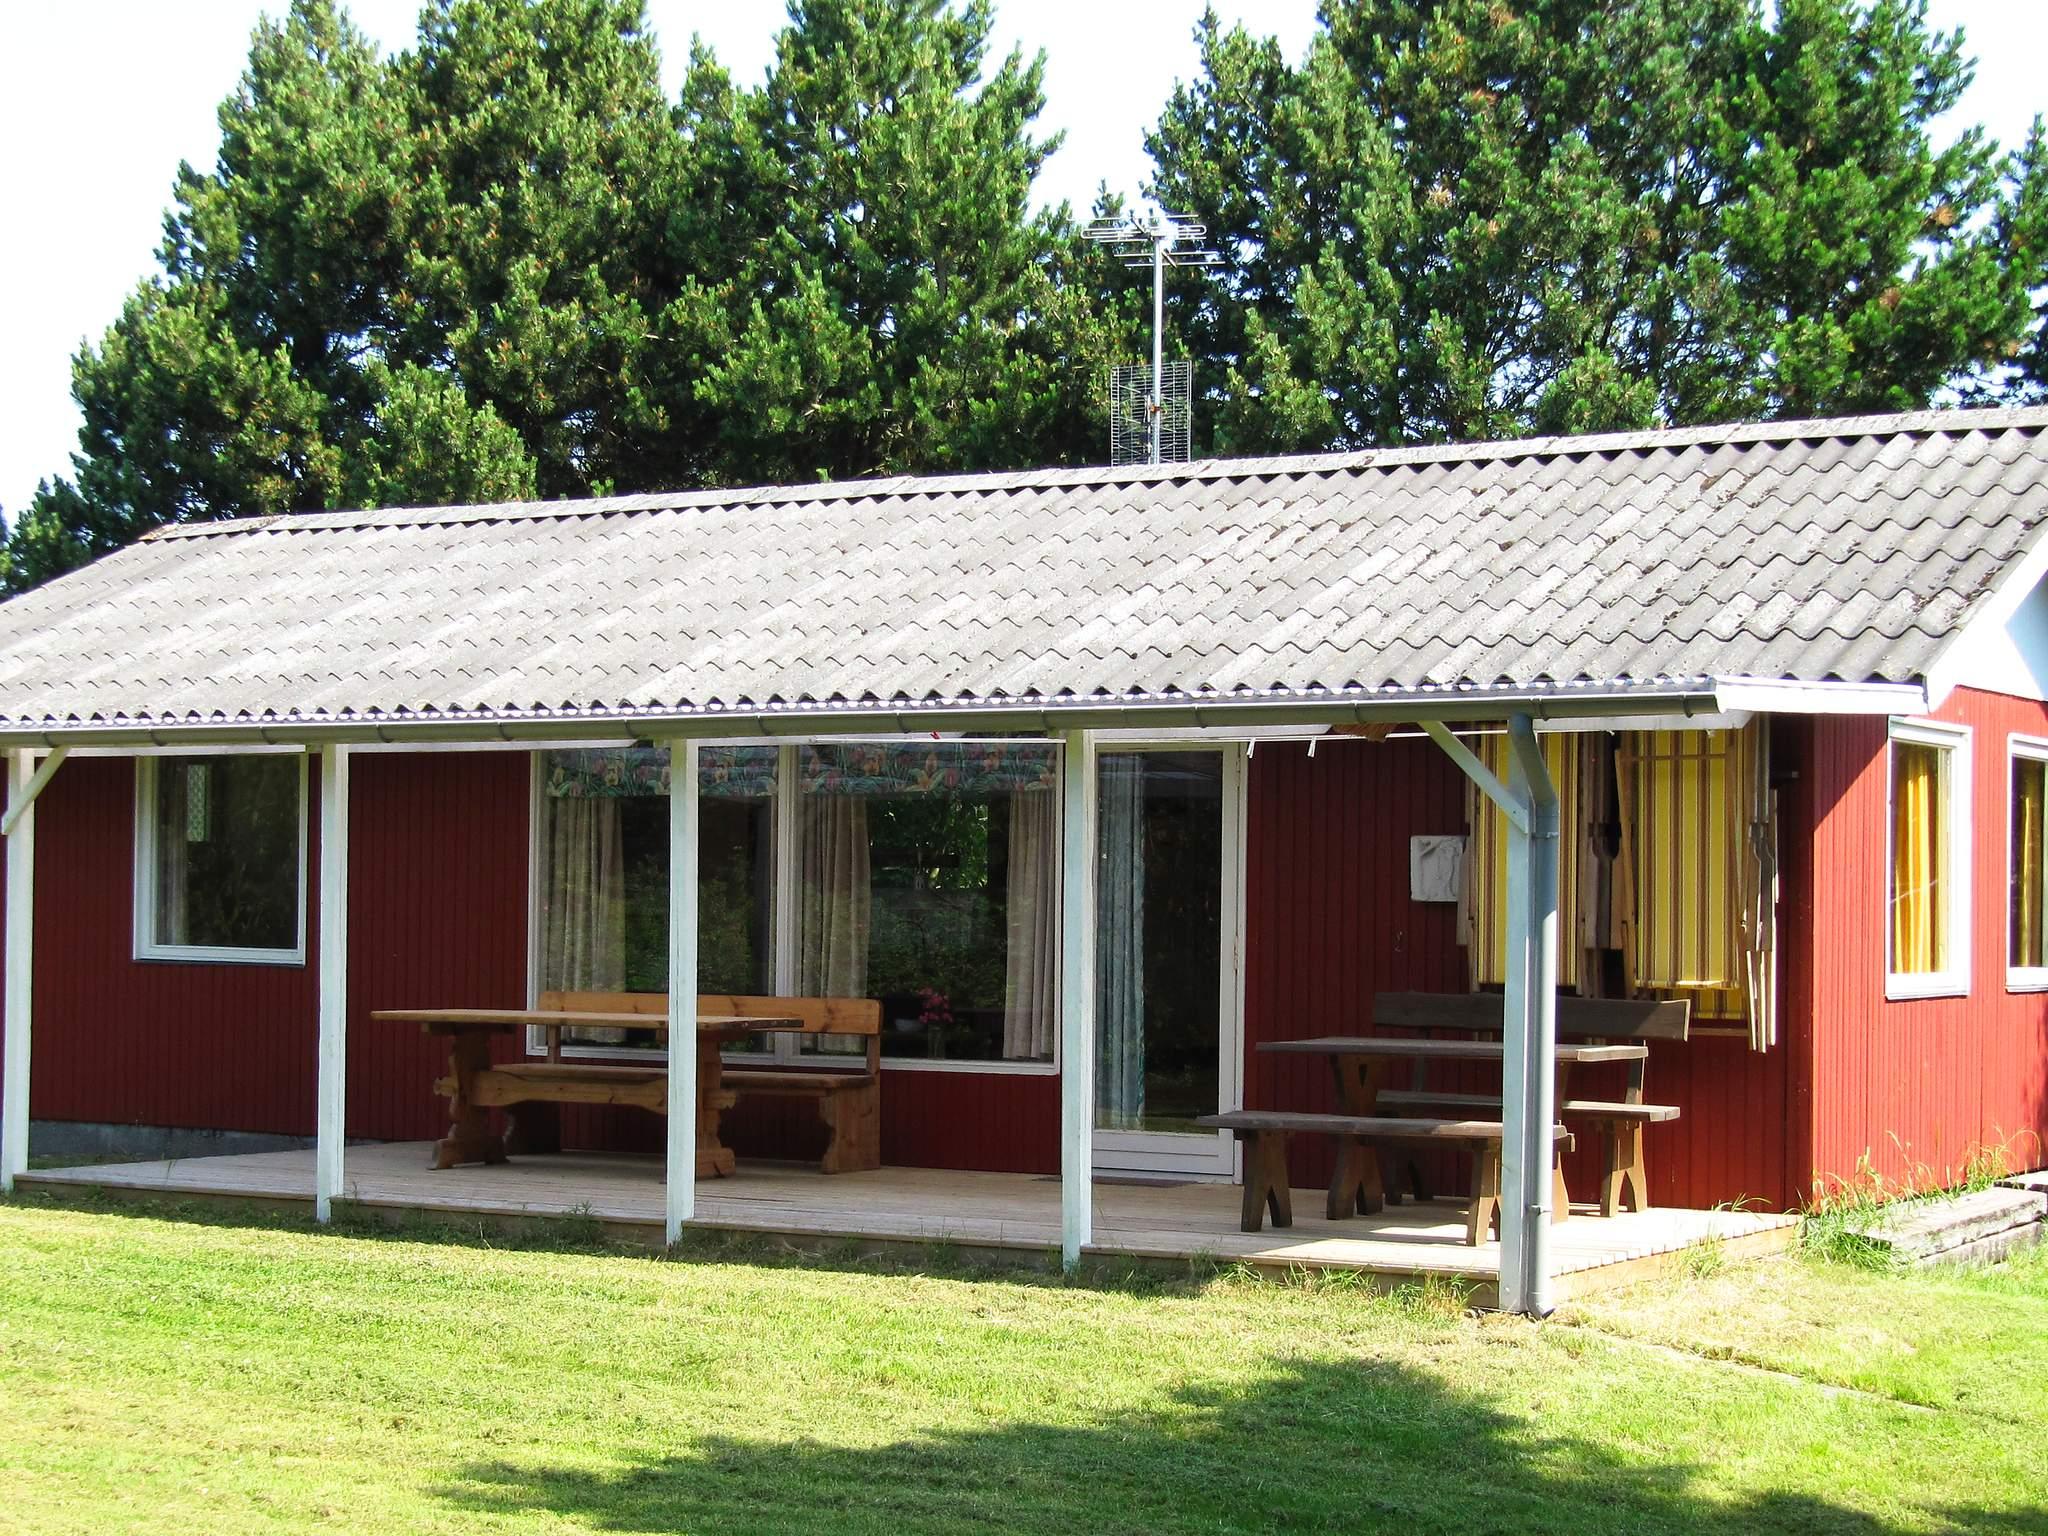 Ferienhaus Kramnitze (87282), Kramnitse, , Lolland, Dänemark, Bild 1